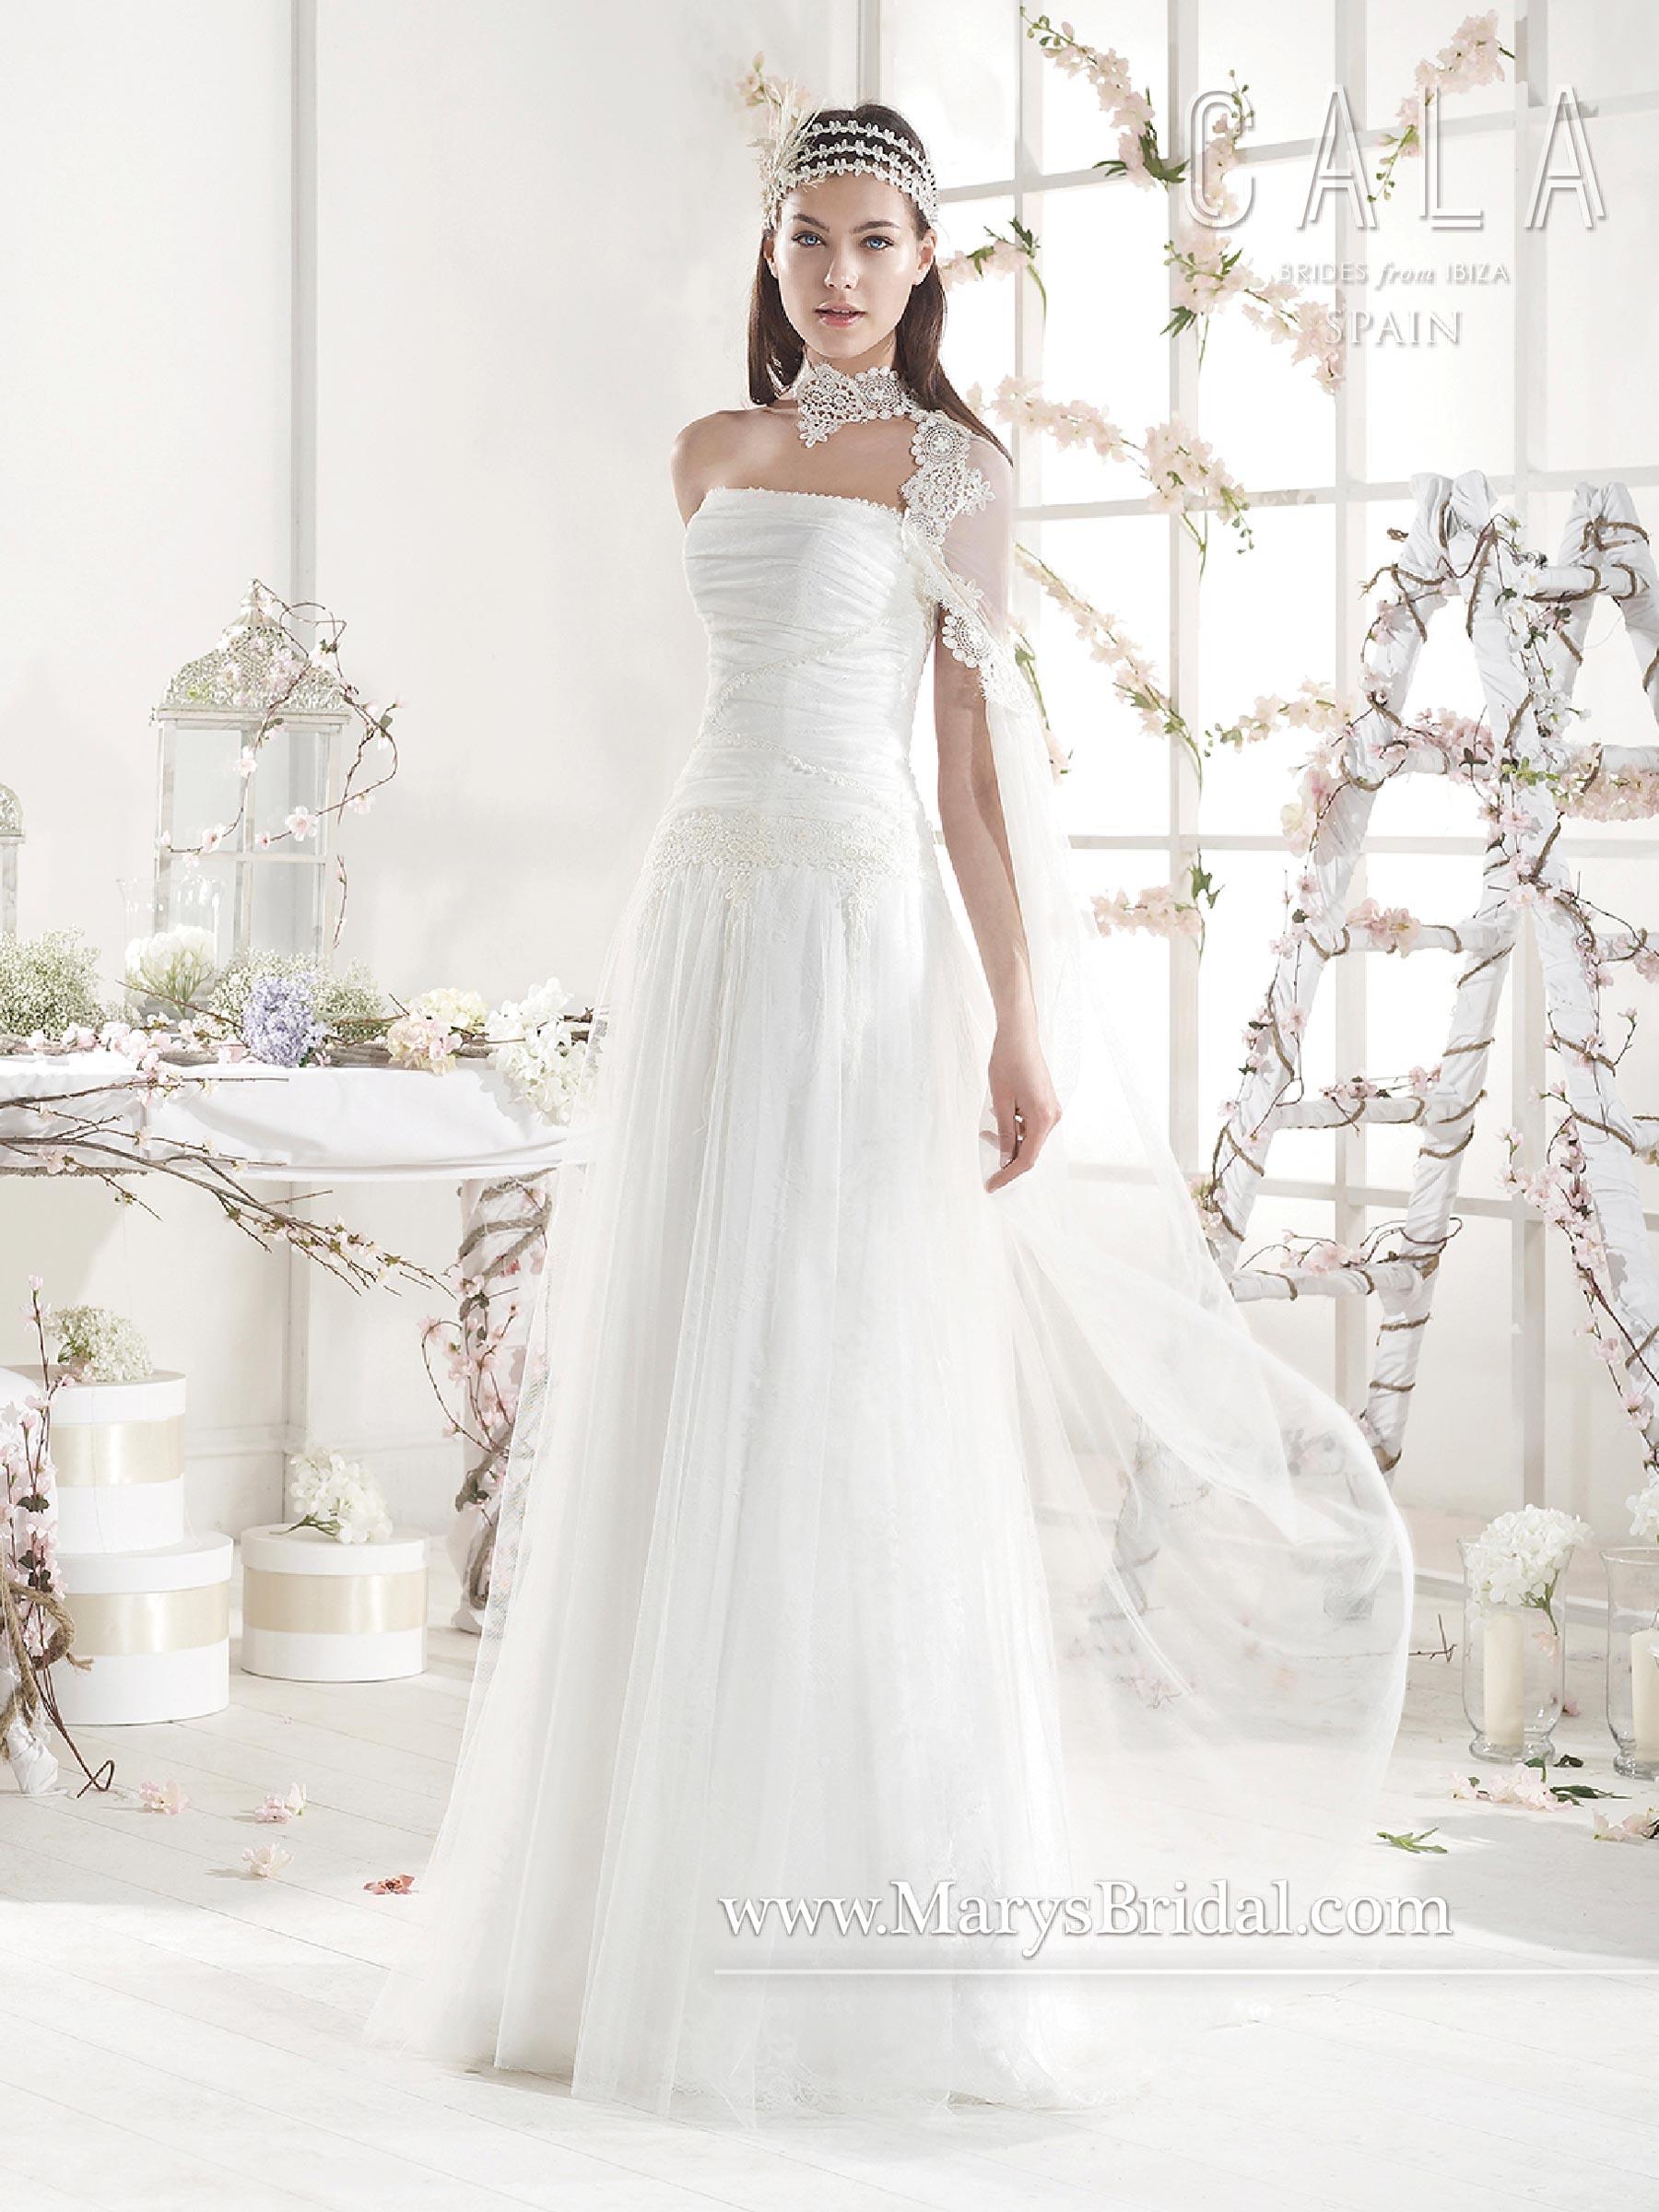 B8052-marys bridal